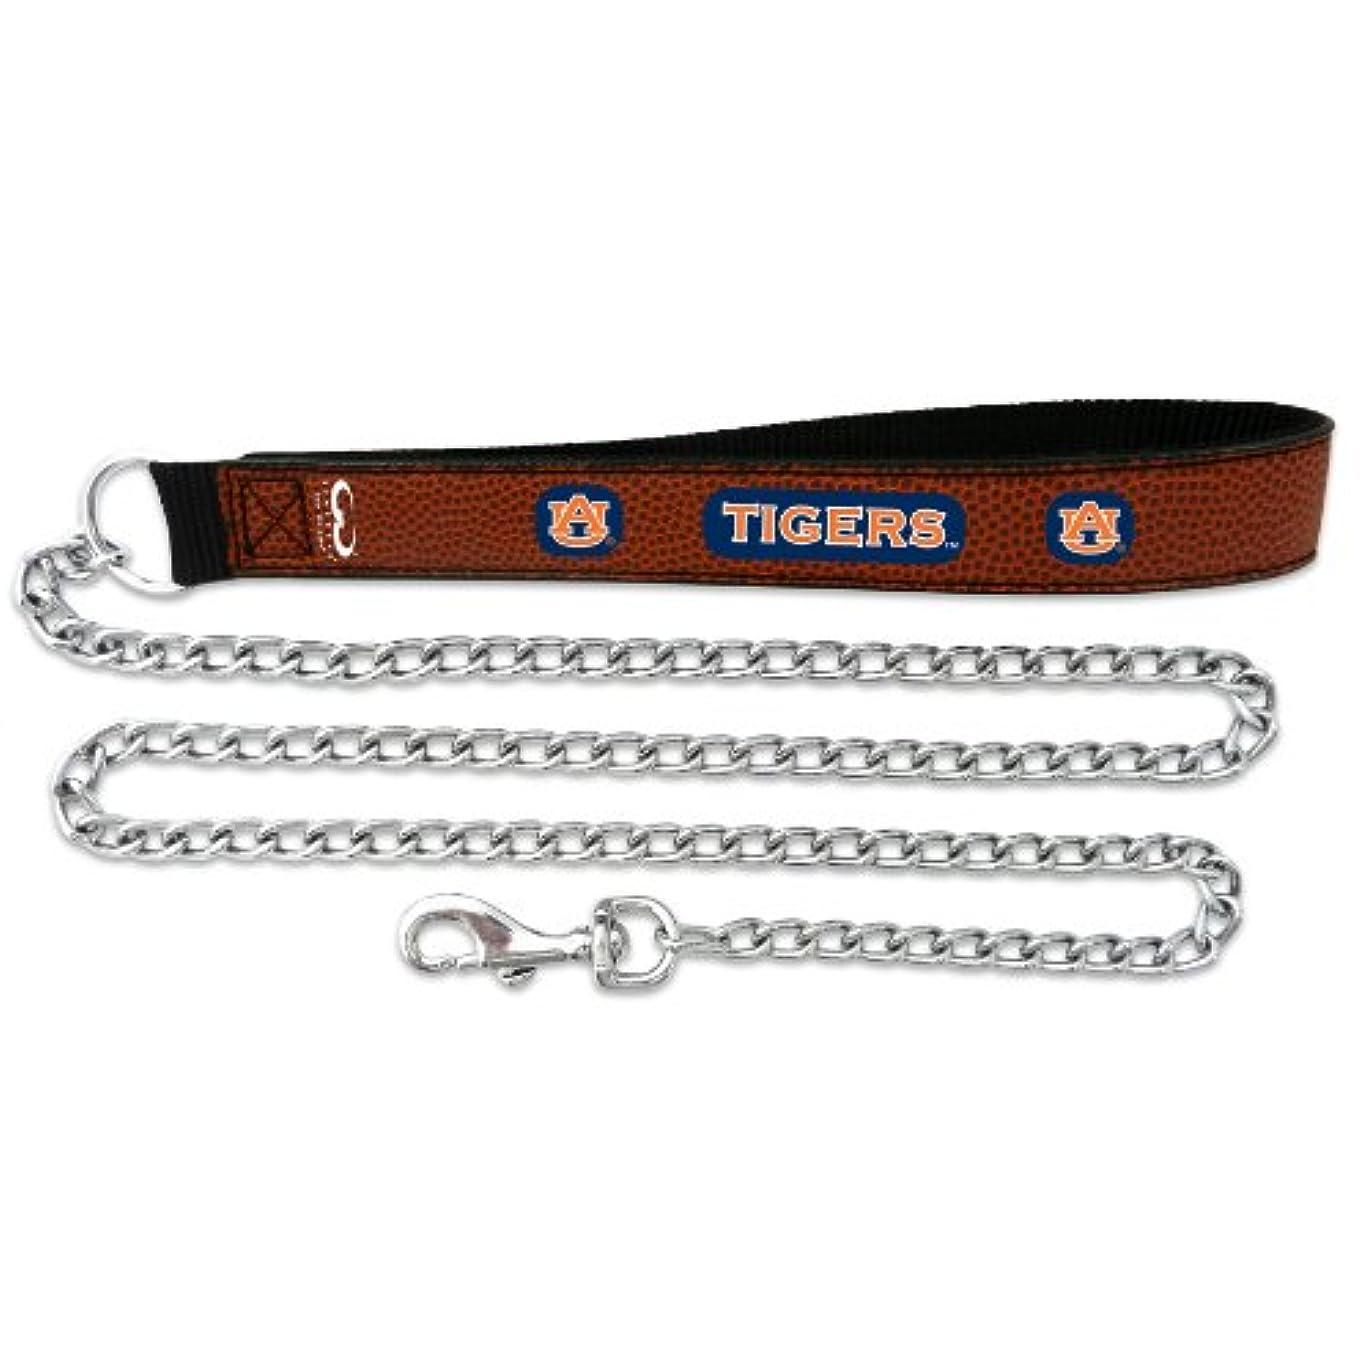 乱暴な設置サークルAuburn Tigers Football Leather 3.5mm Chain Leash - L